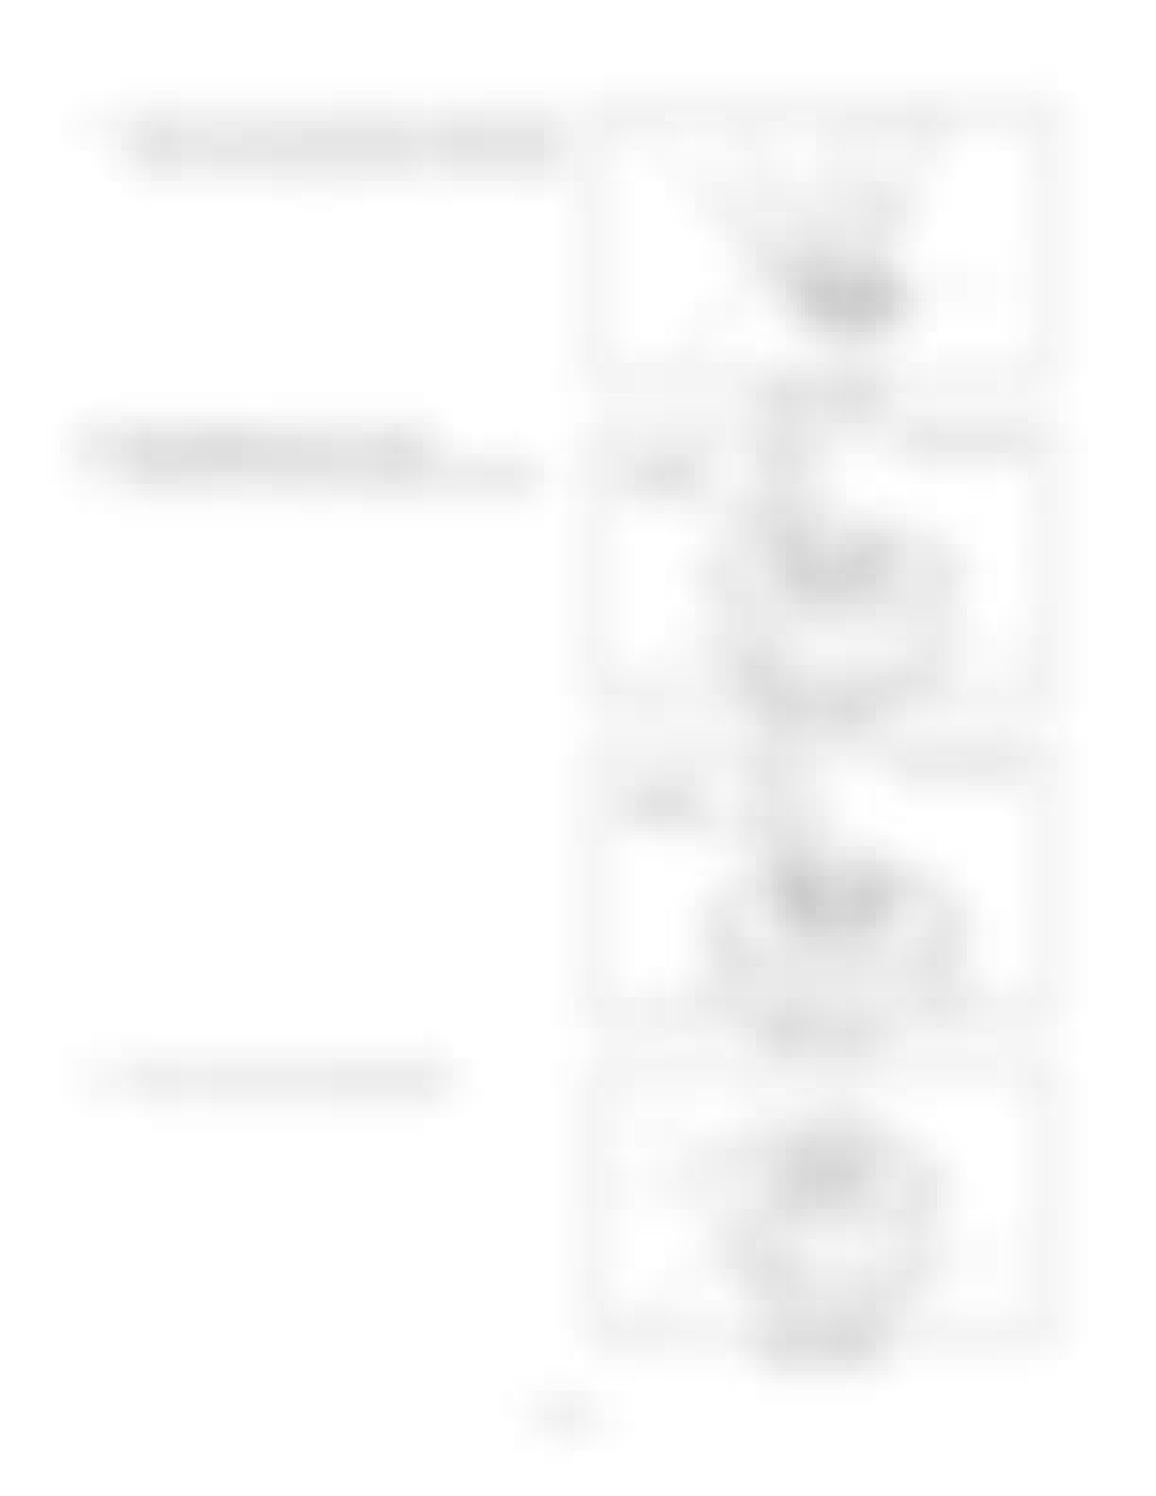 Hitachi LX110-7 LX130-7 LX160-7 LX190-7 LX230-7 Wheel Loader Workshop Manual - PDF DOWNLOAD page 34